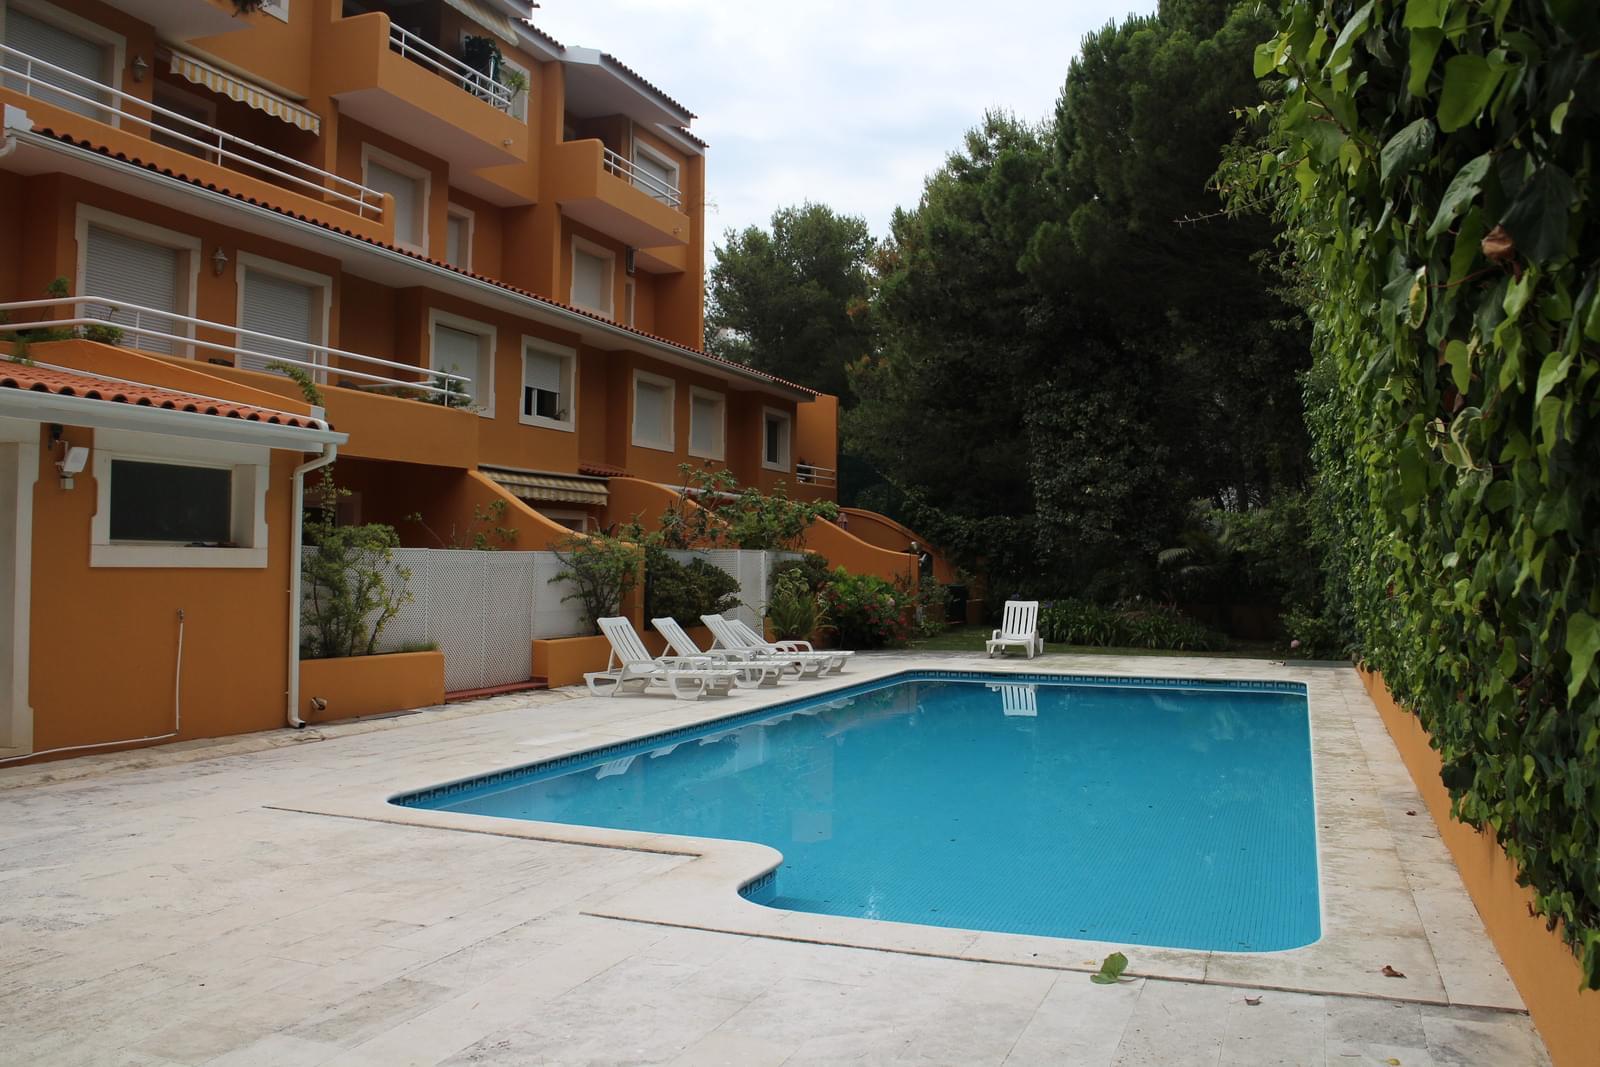 pf17538-apartamento-t2-cascais-2a43406e-a115-4d35-82f0-bdfde77b3475